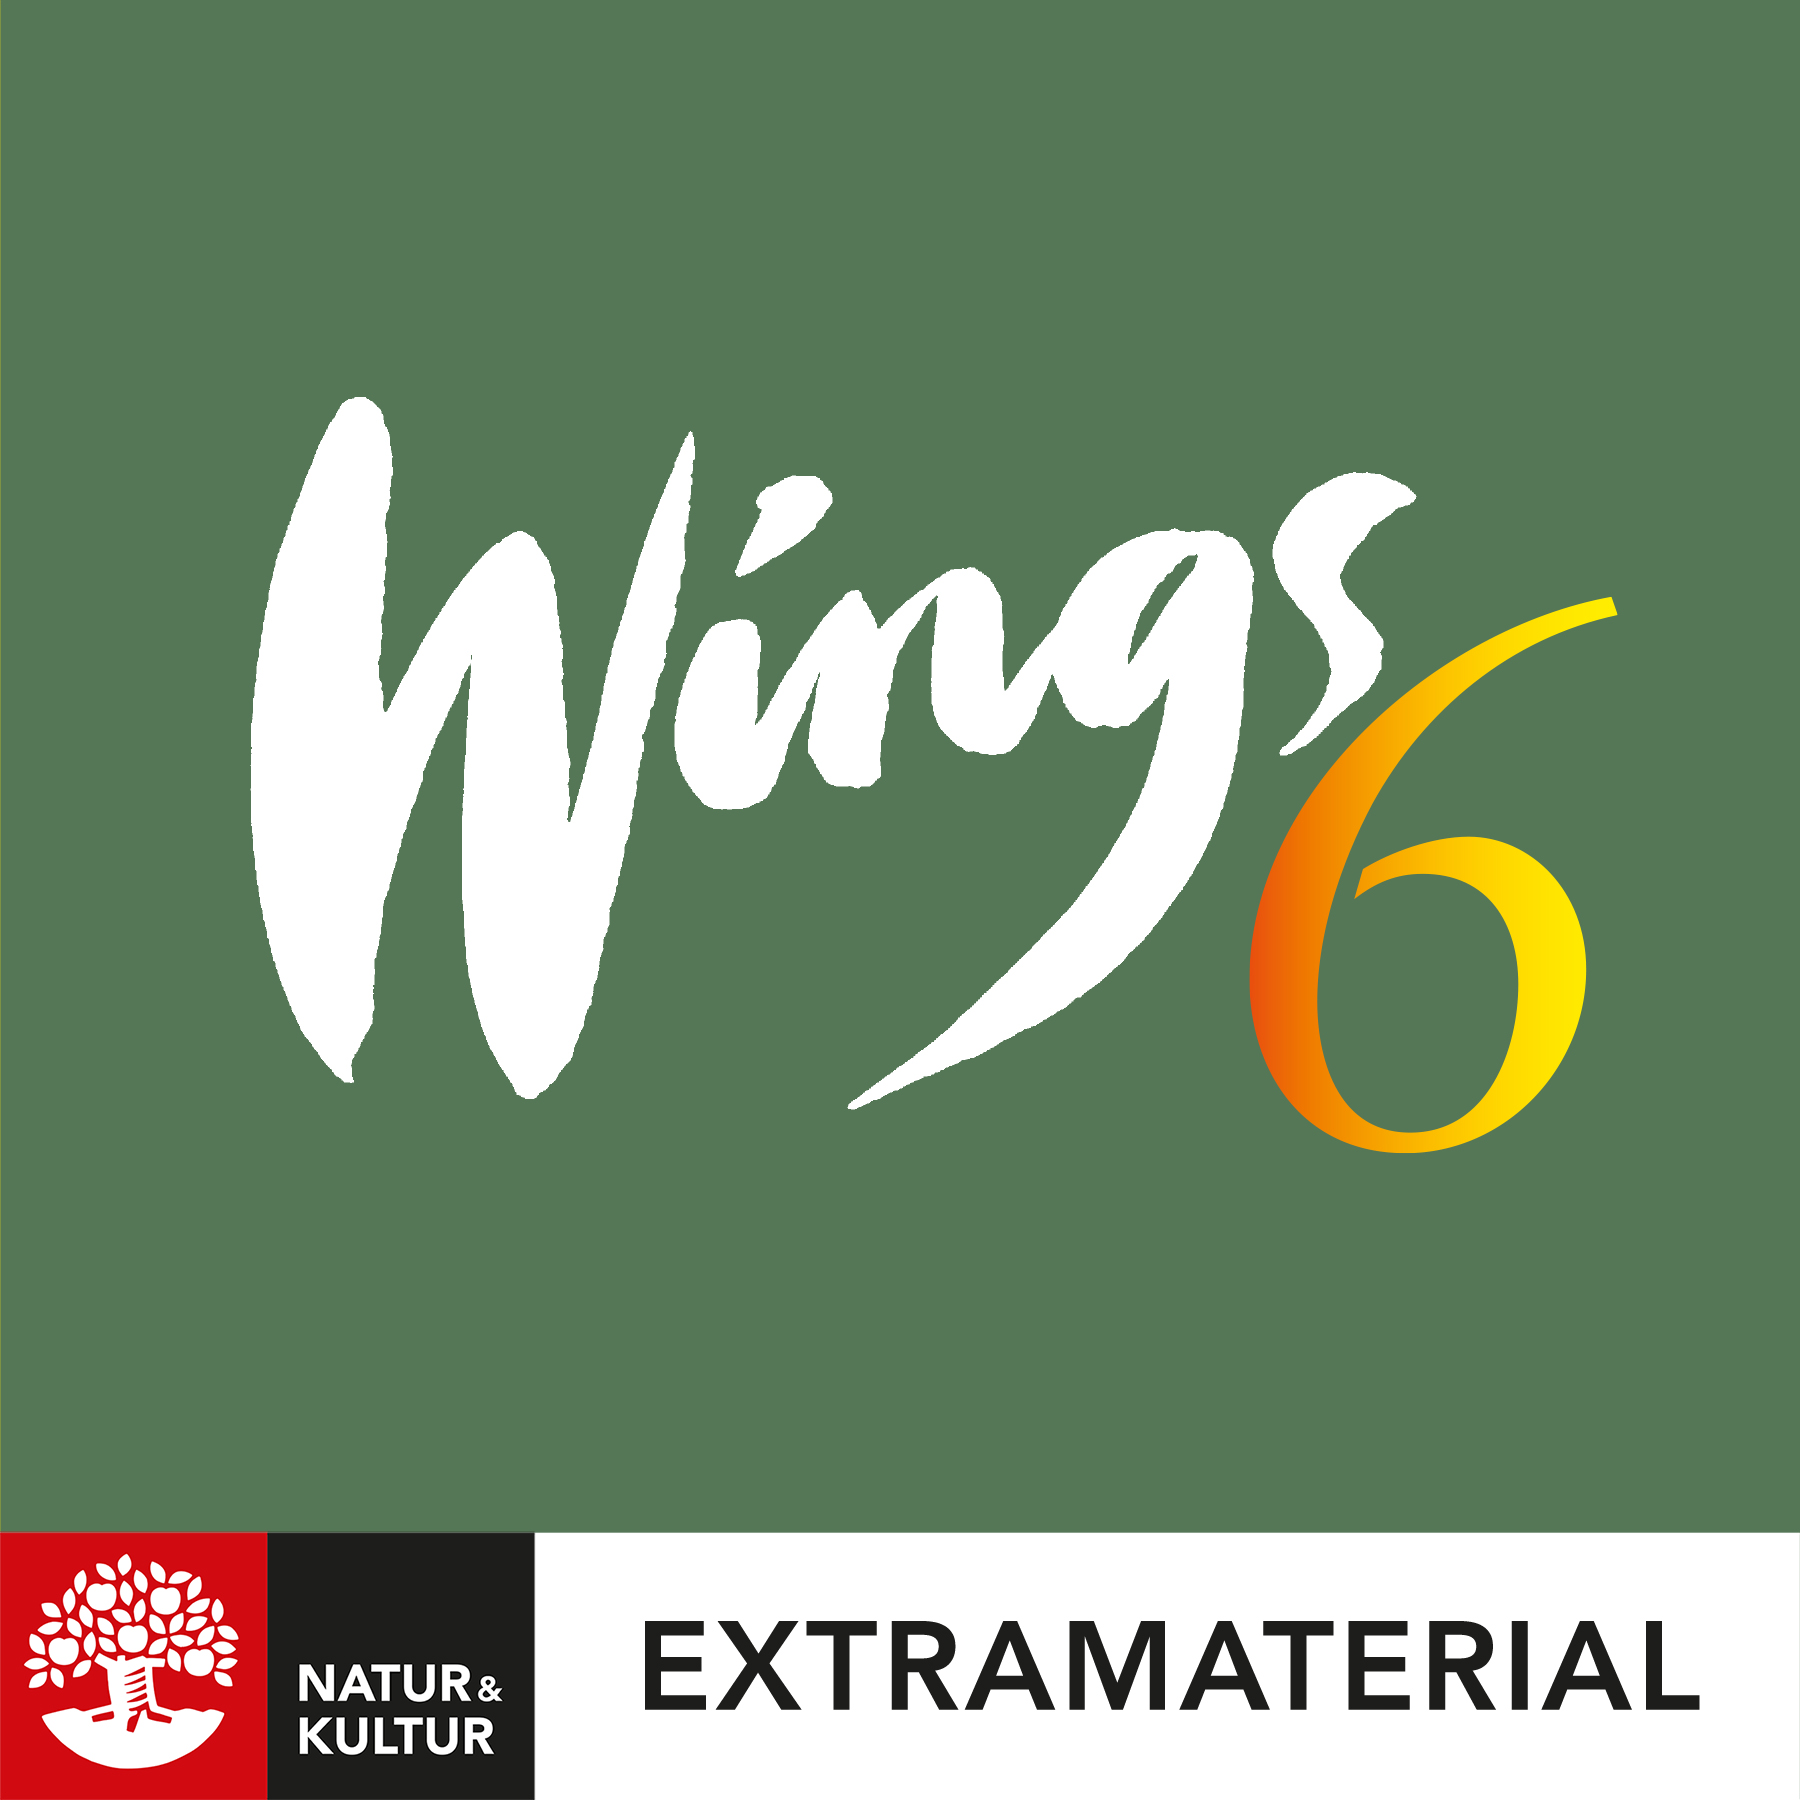 Wings 6 green